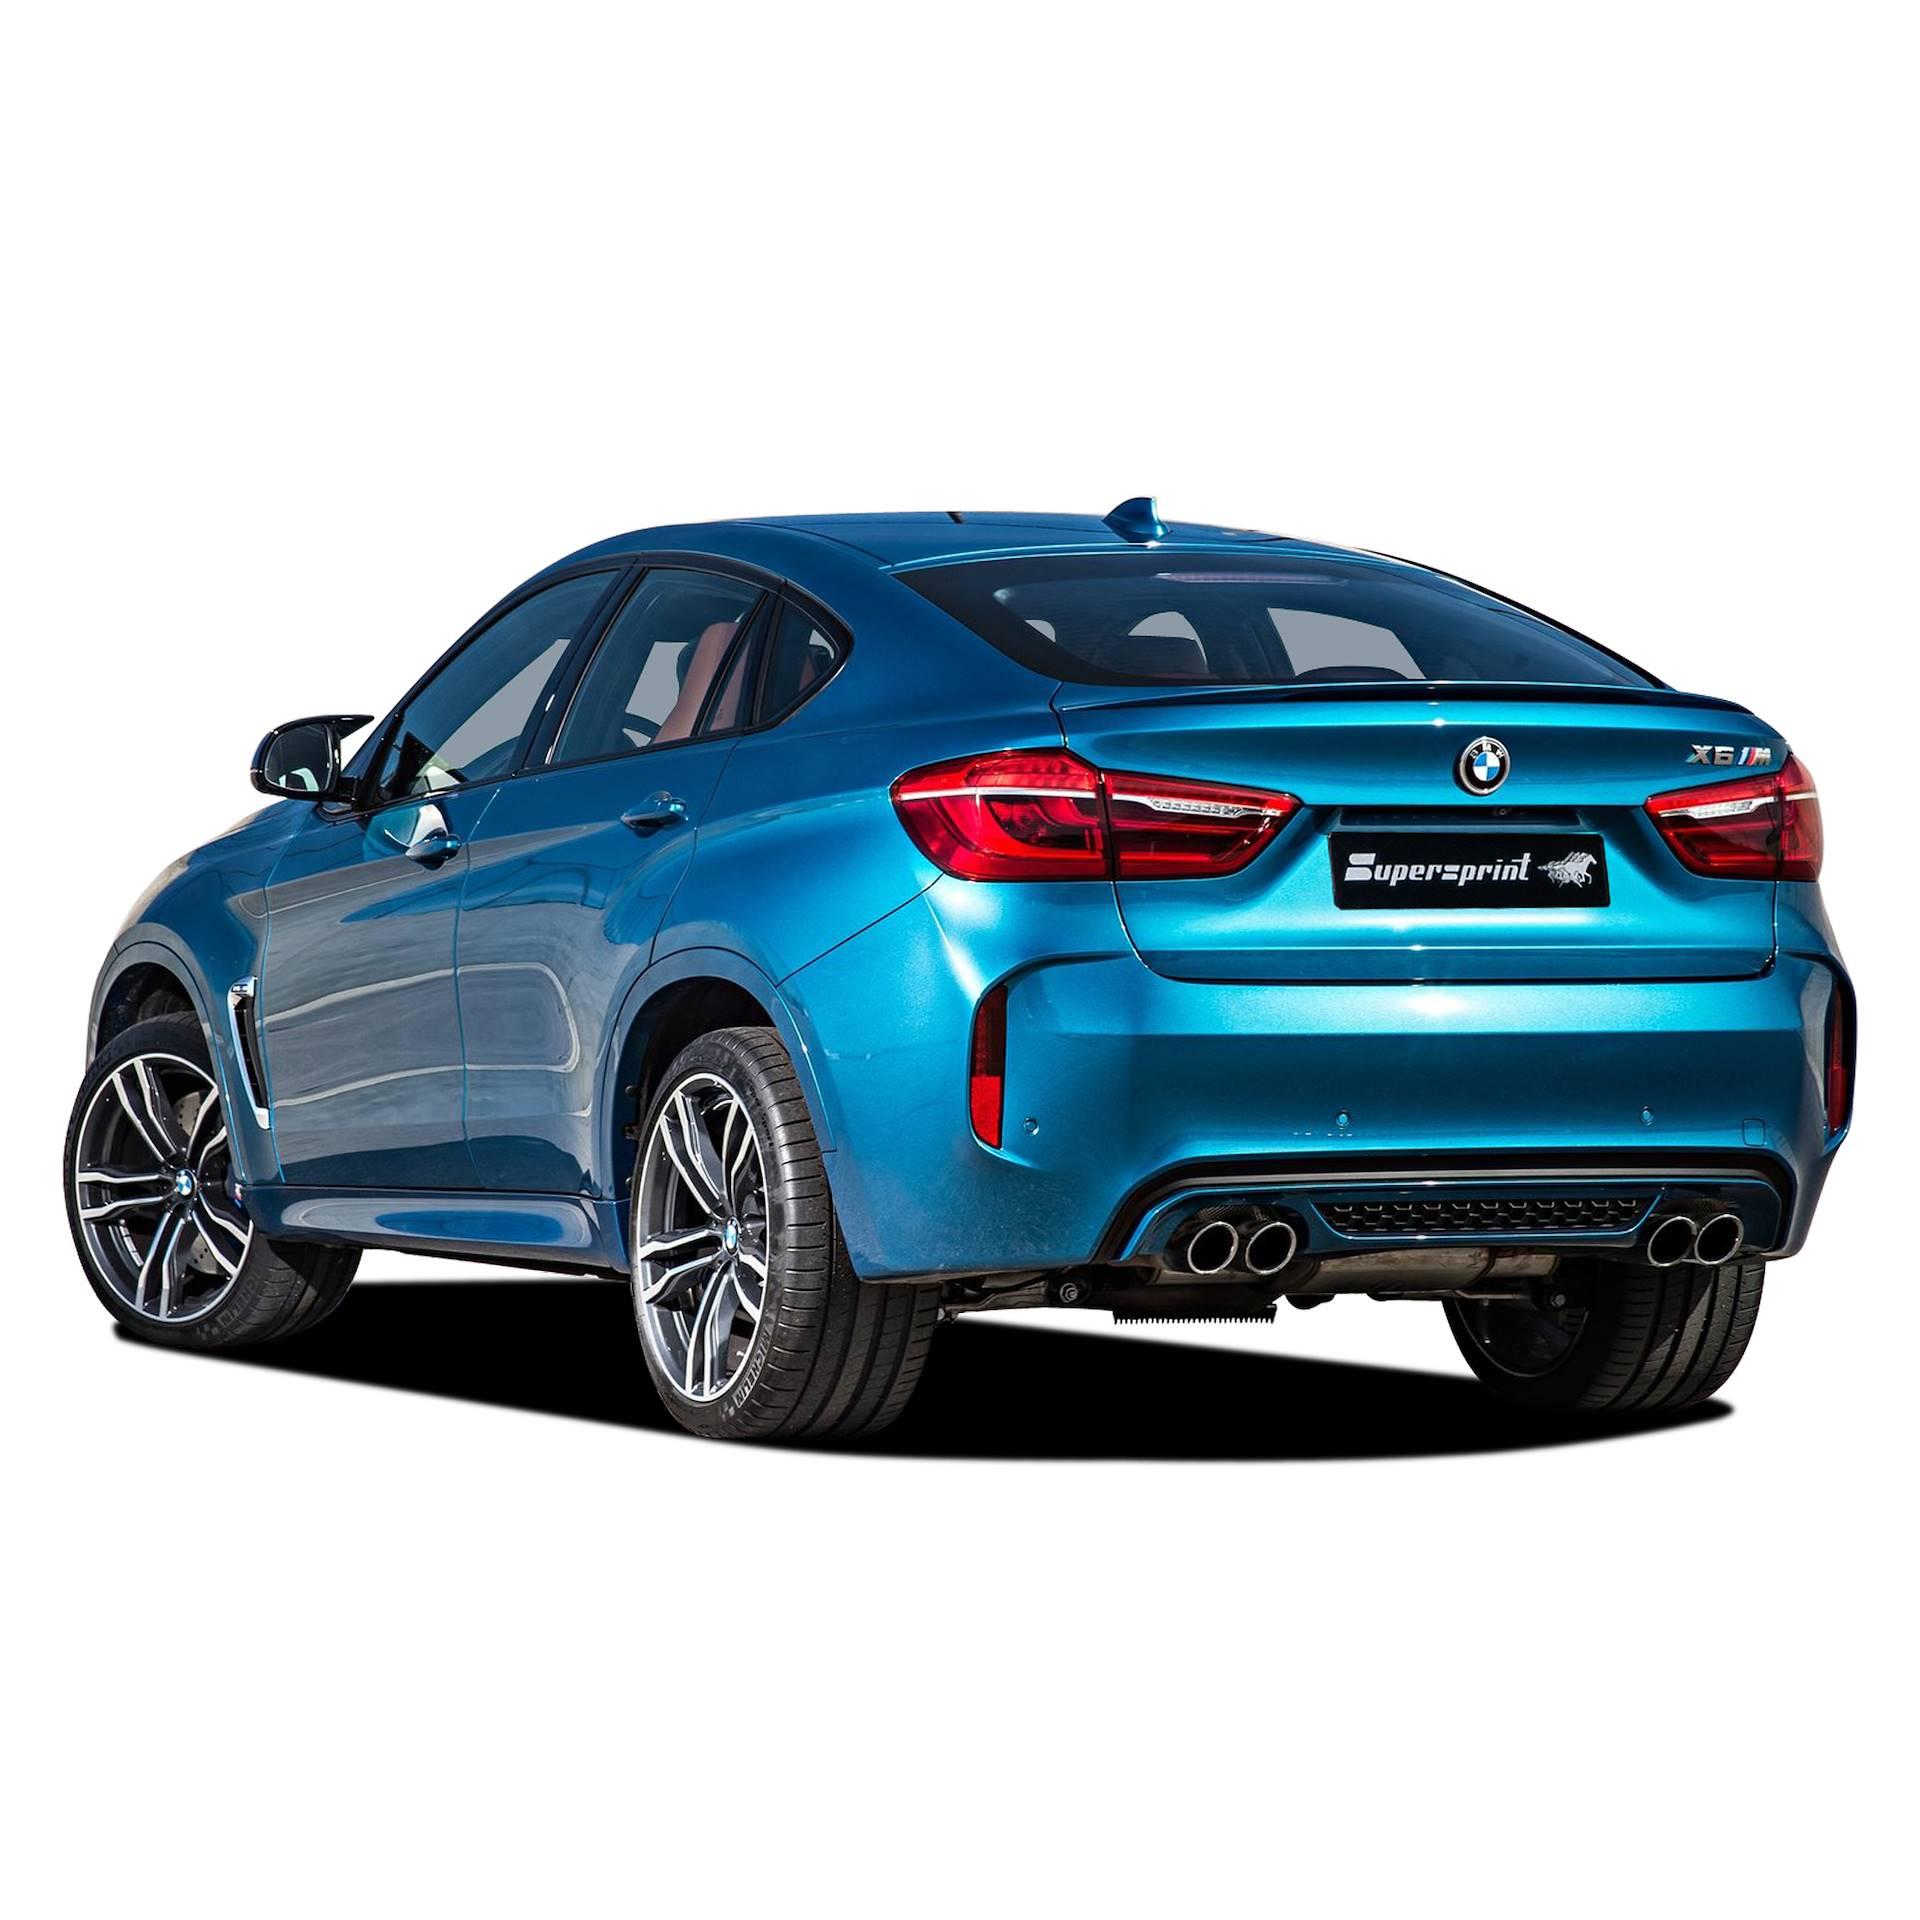 Supersprint udstødning til BMW F86 X6 M